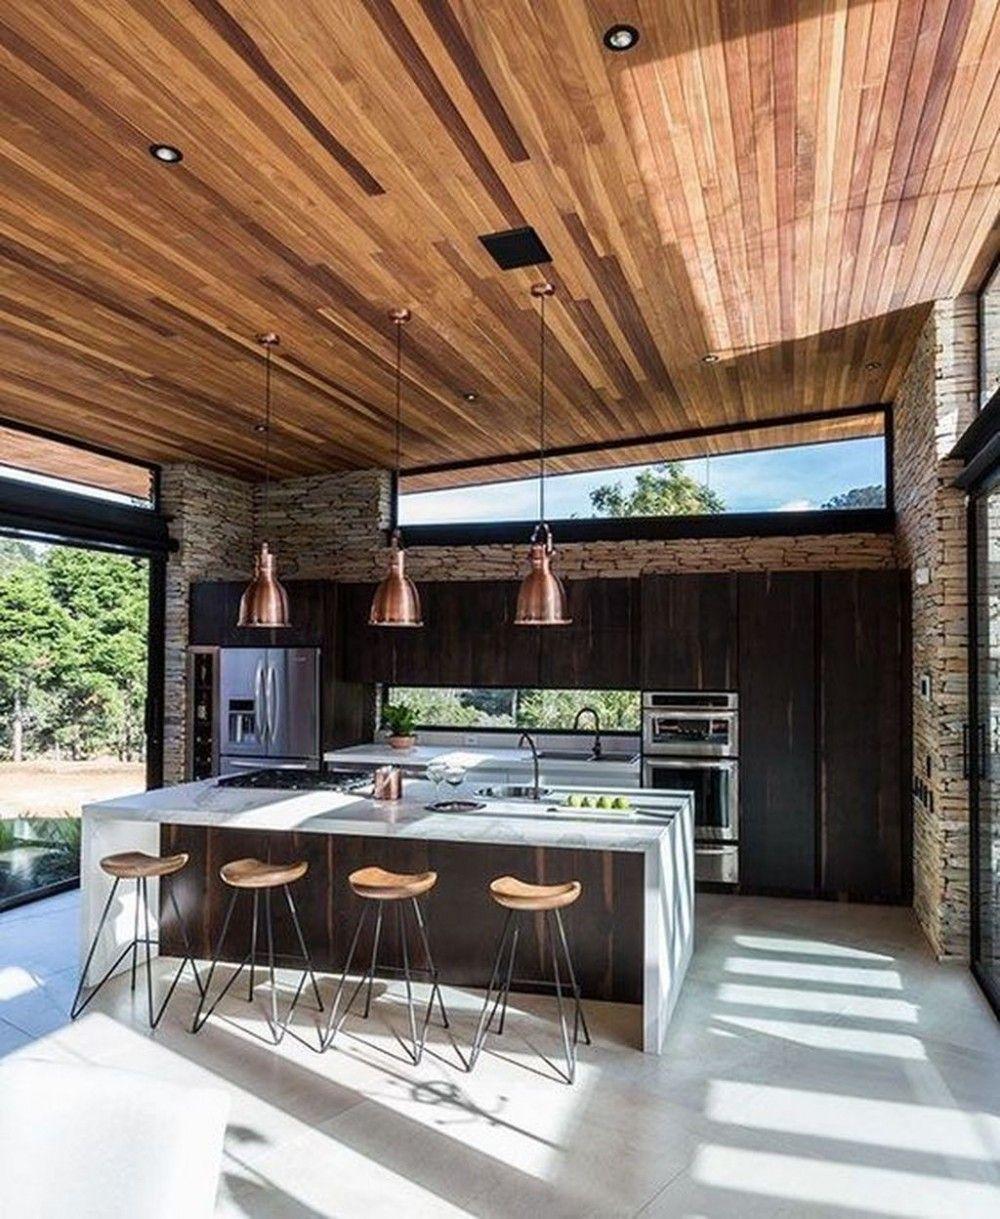 19 meilleures idées de décoration de cuisine extérieure pour une